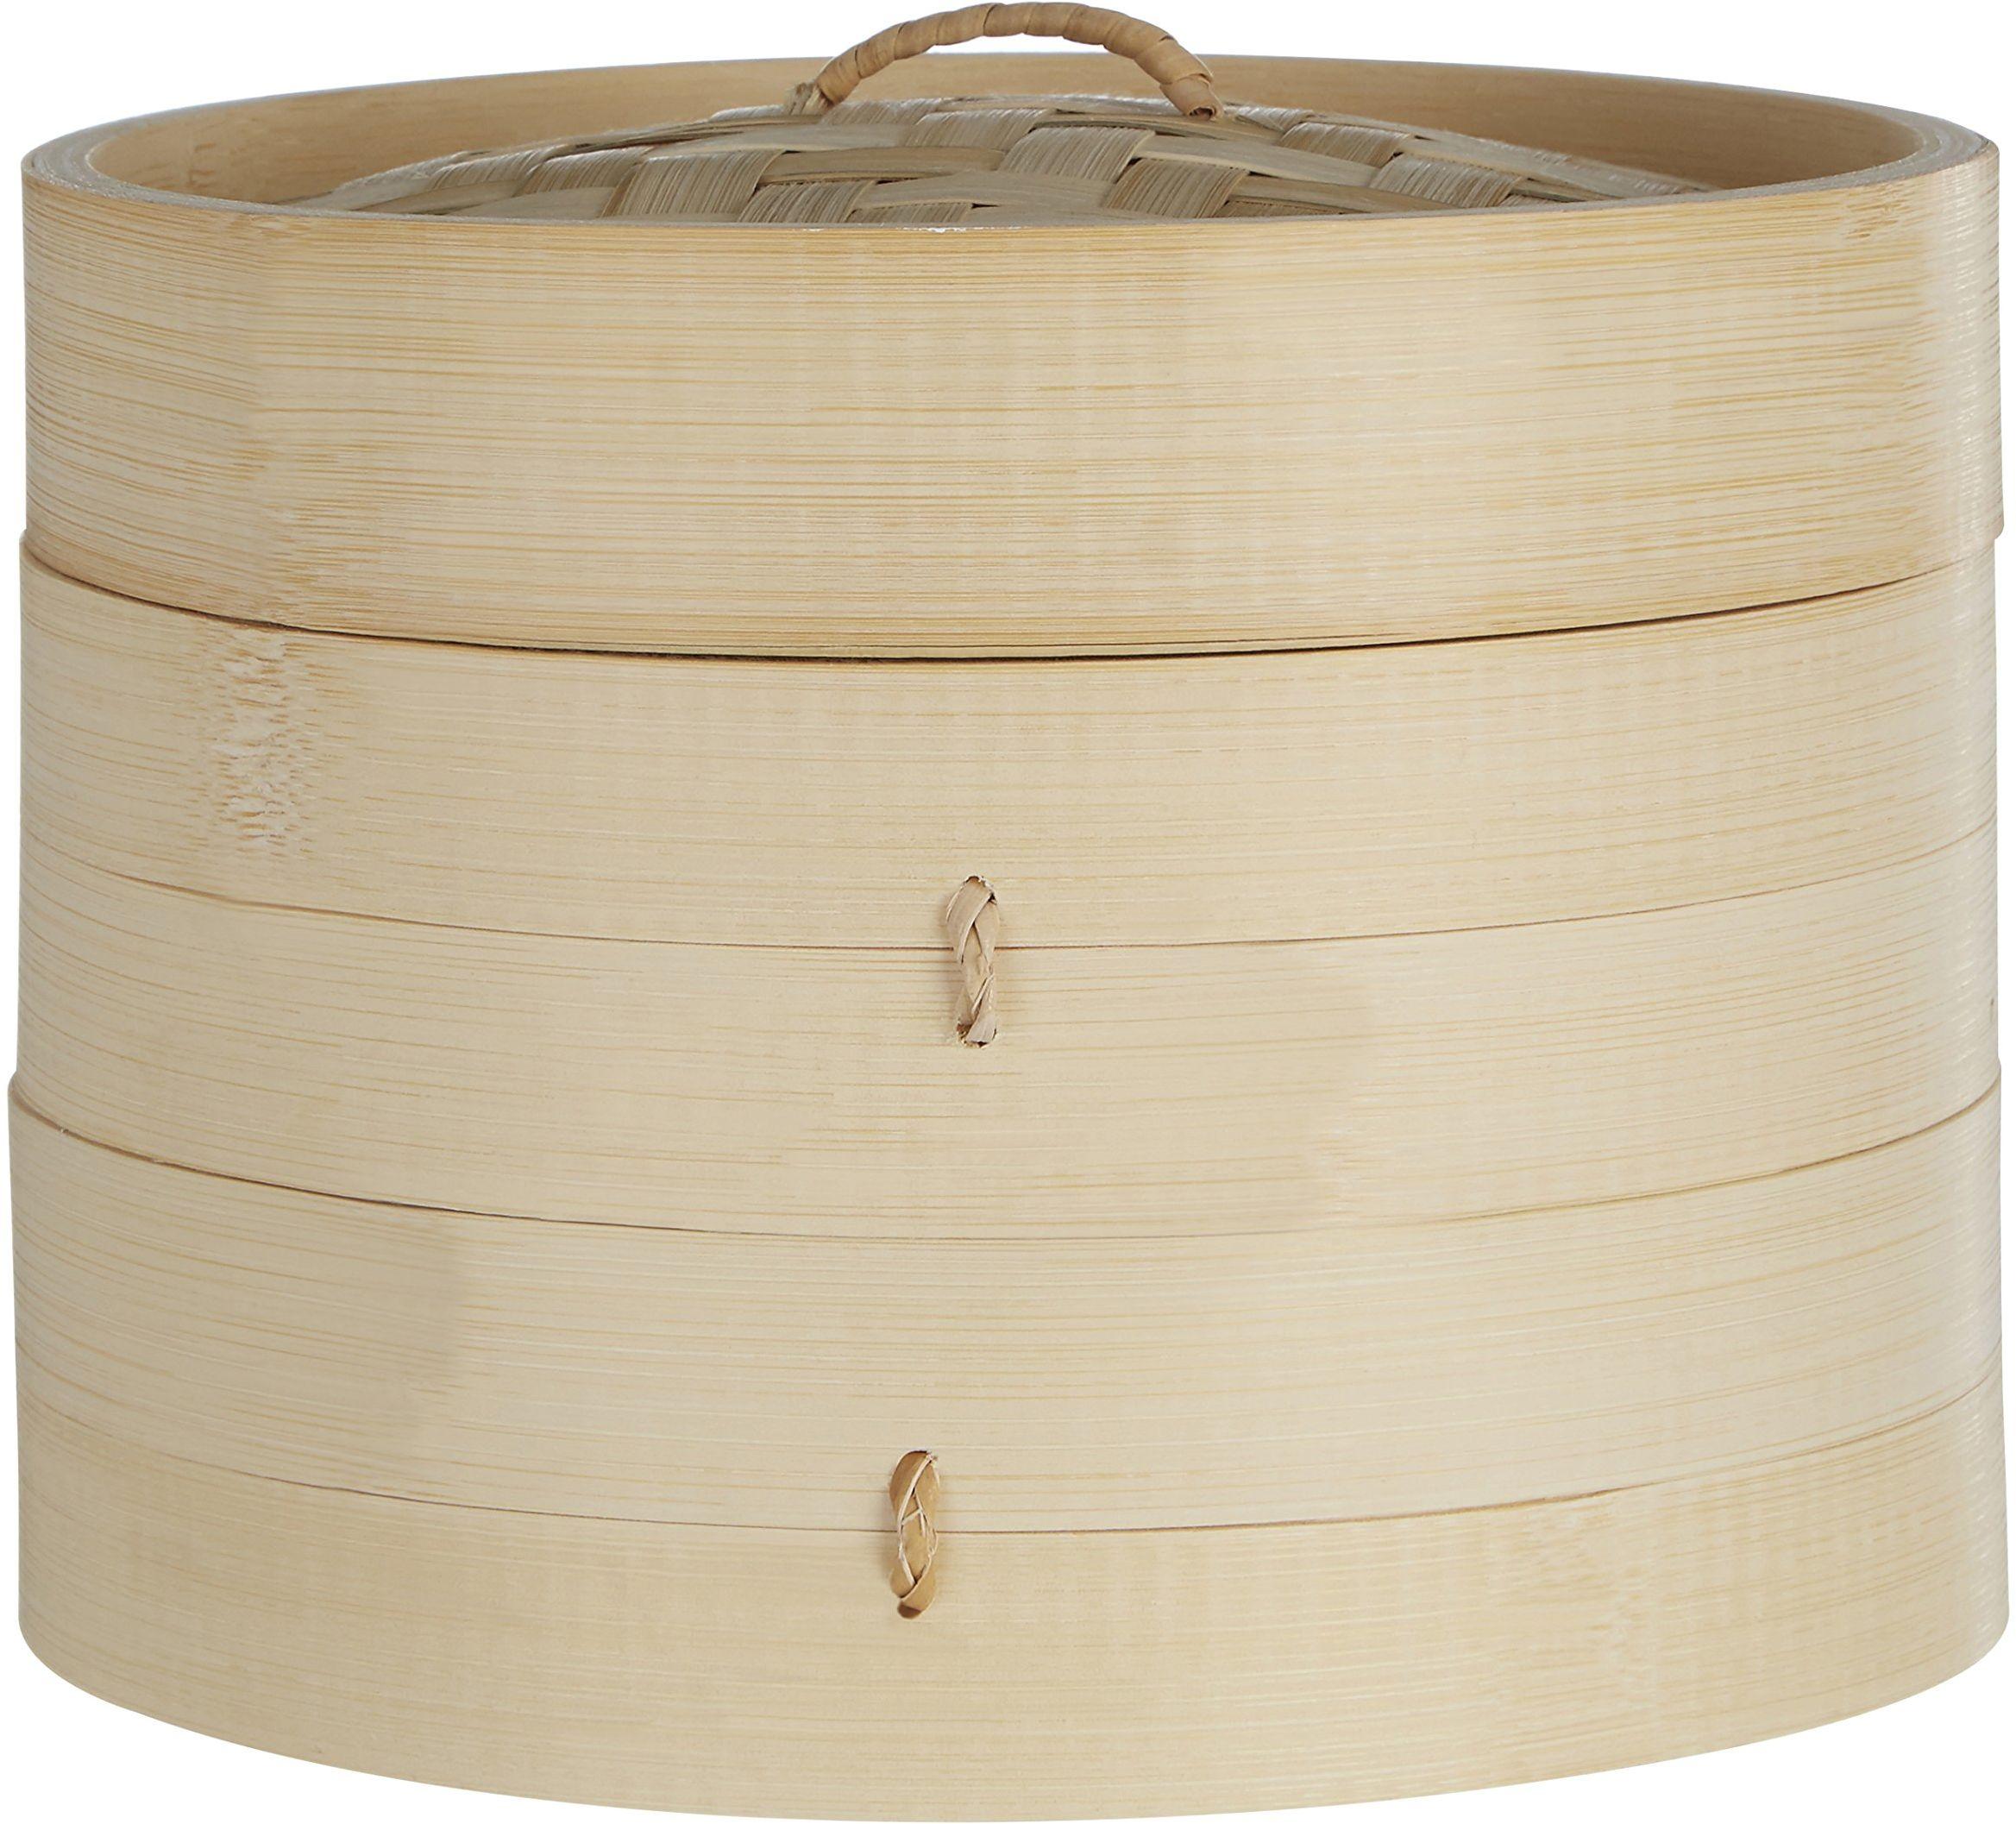 Premier Housewares Okrągły parownik, 2 poziomy, mały, bambus, naturalny, 20 x 20 x 15 cm